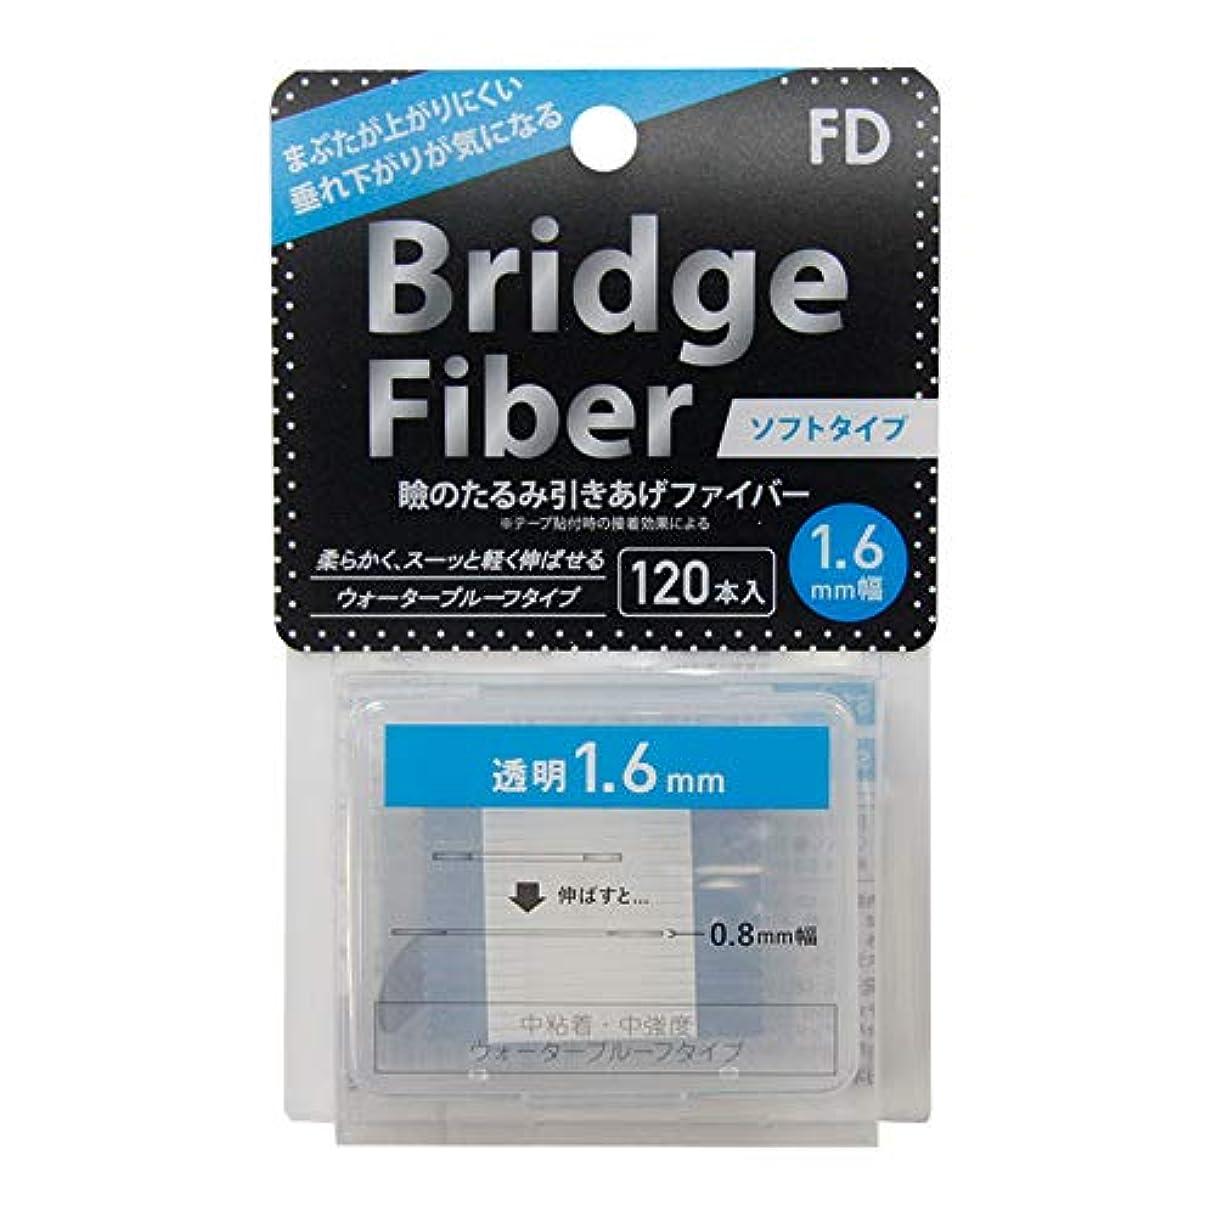 比類のない絶滅させる類推FD ブリッジソフトファイバー 眼瞼下垂防止テープ ソフトタイプ 透明1.6mm幅 120本入り